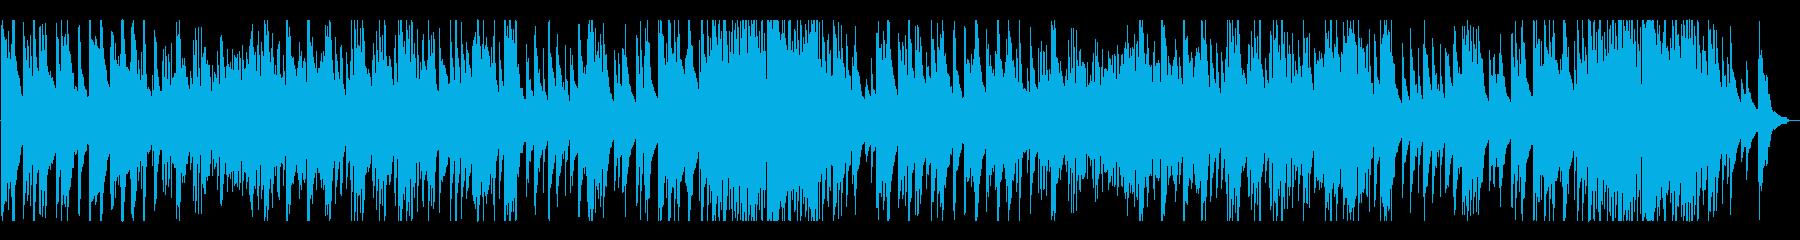 懐かしく 穏やかなピアノの再生済みの波形